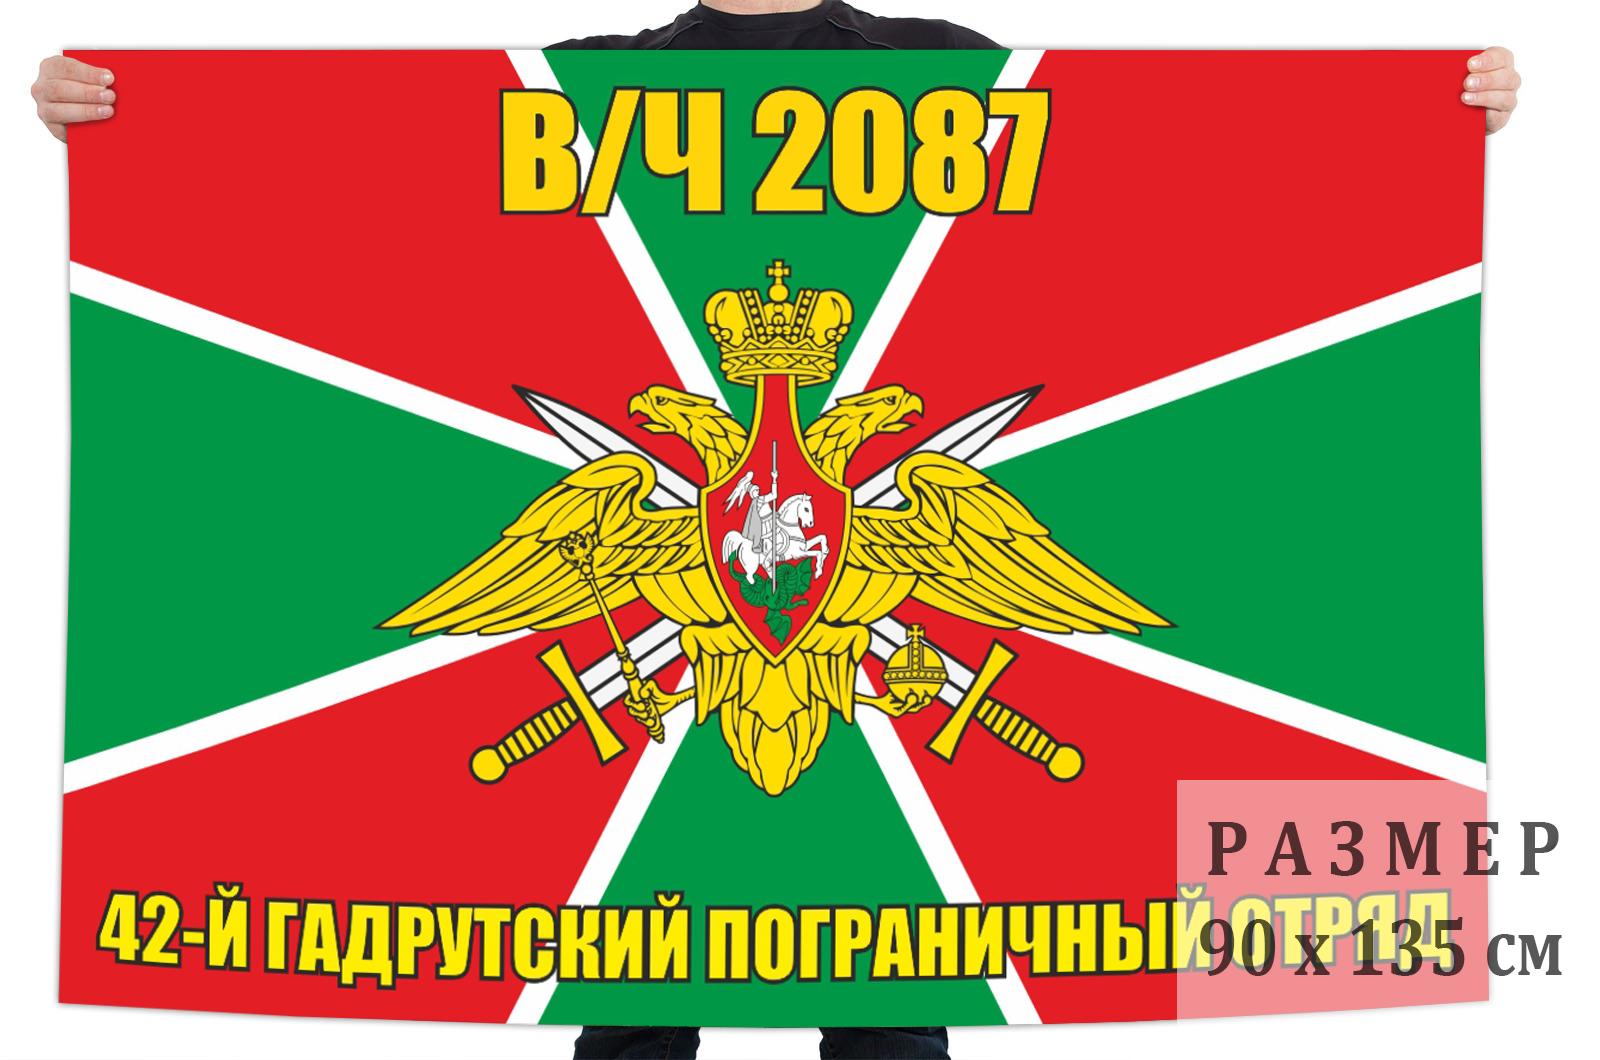 Флаг 42 Гадрутского пограничного отряда